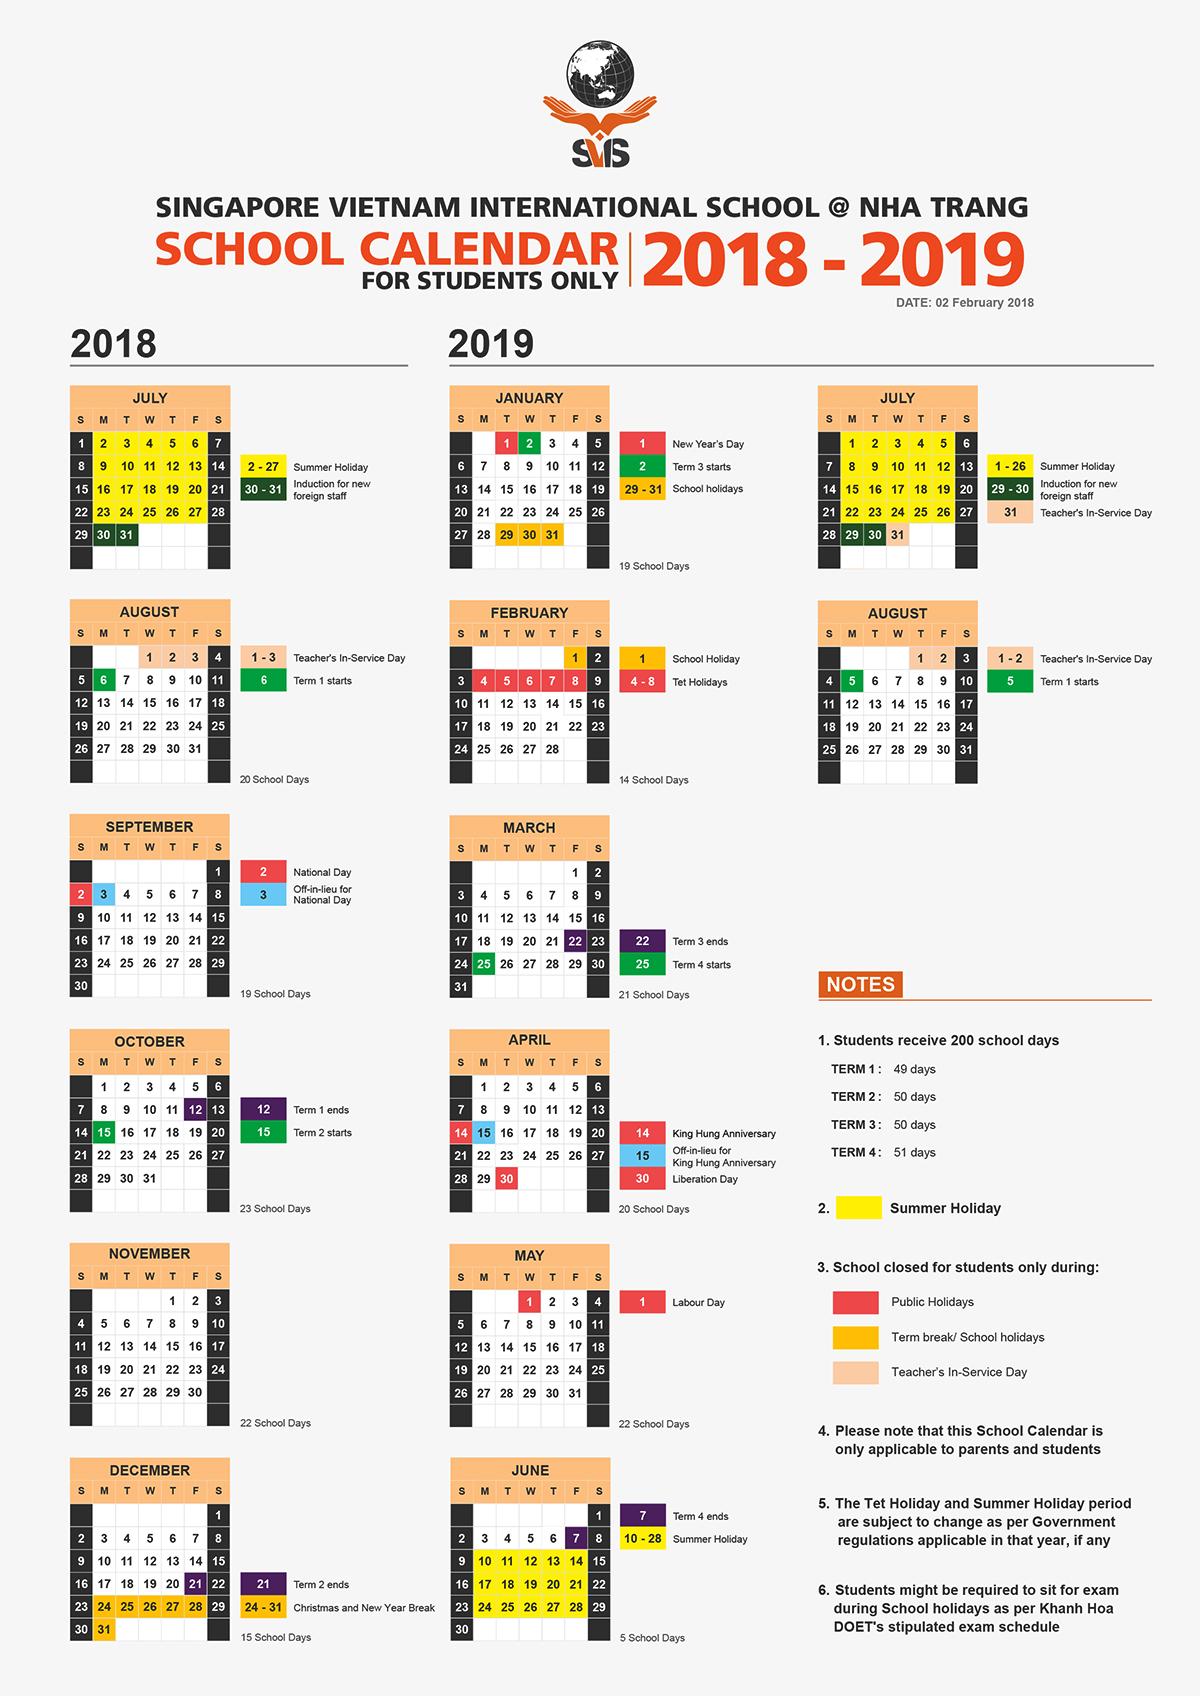 School Calendar 2018 - 2019_SVIS @ NT